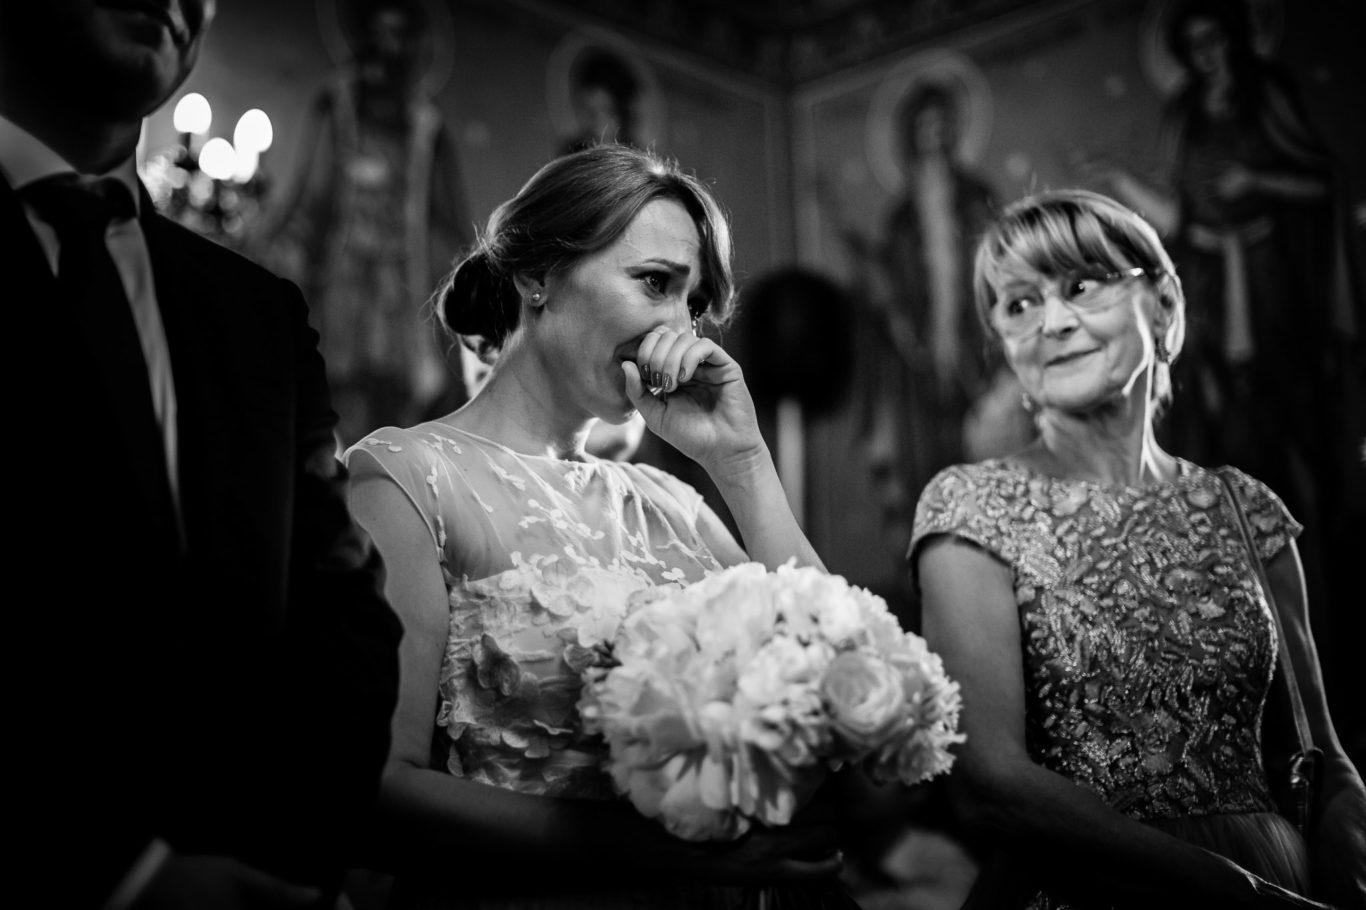 0228-Fotografie-nunta-botez-Ingrid-Geta-Mihai-fotograf-Ciprian-Dumitrescu-DCF_8862